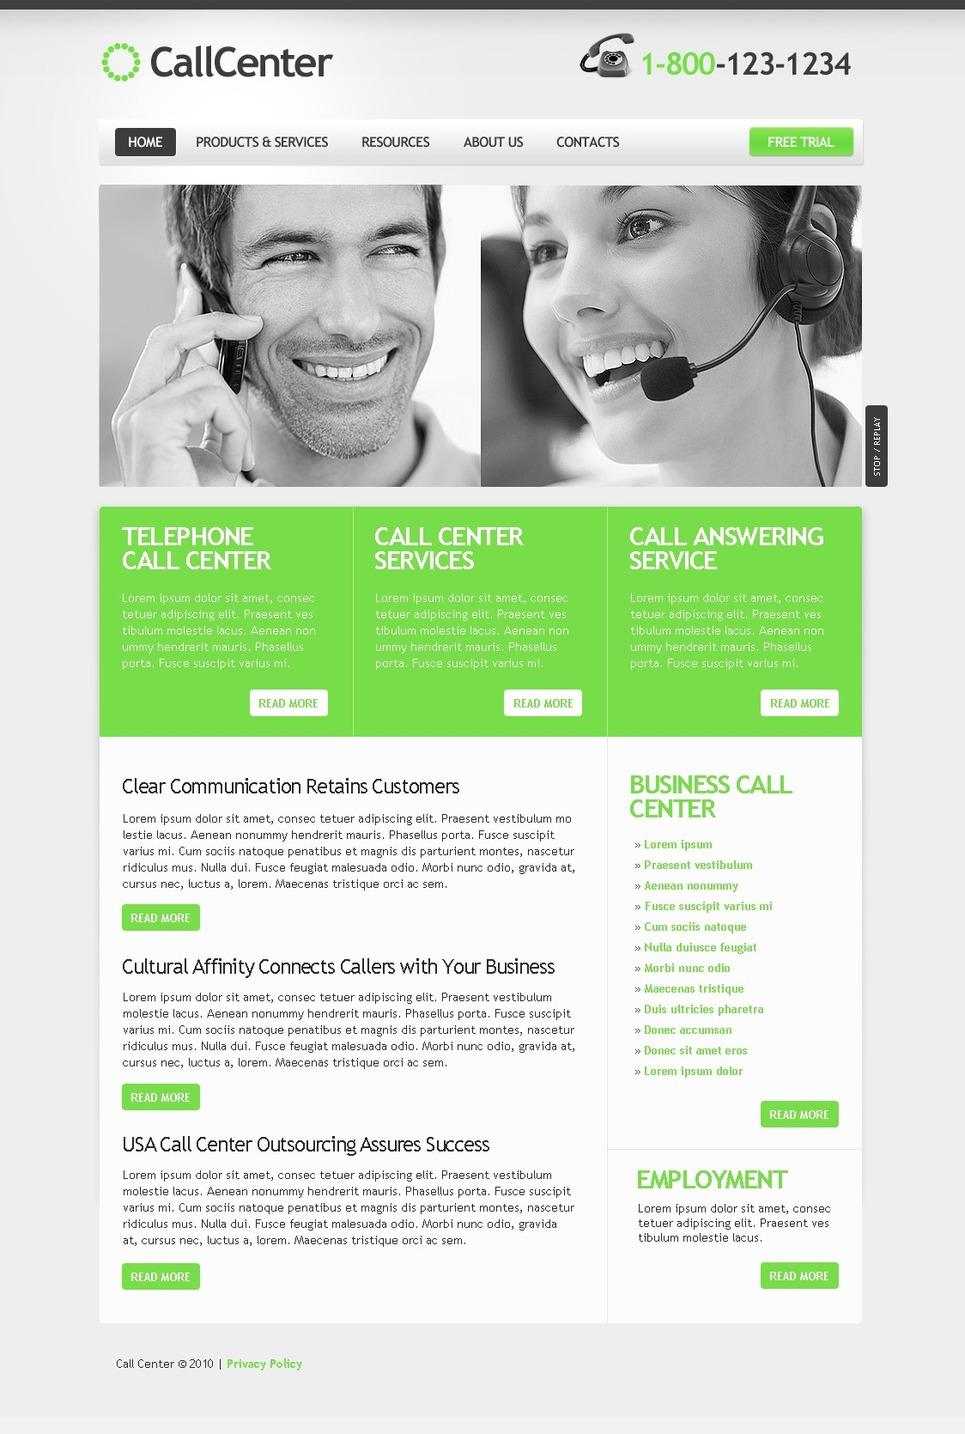 Call Center Website Template New Screenshots BIG